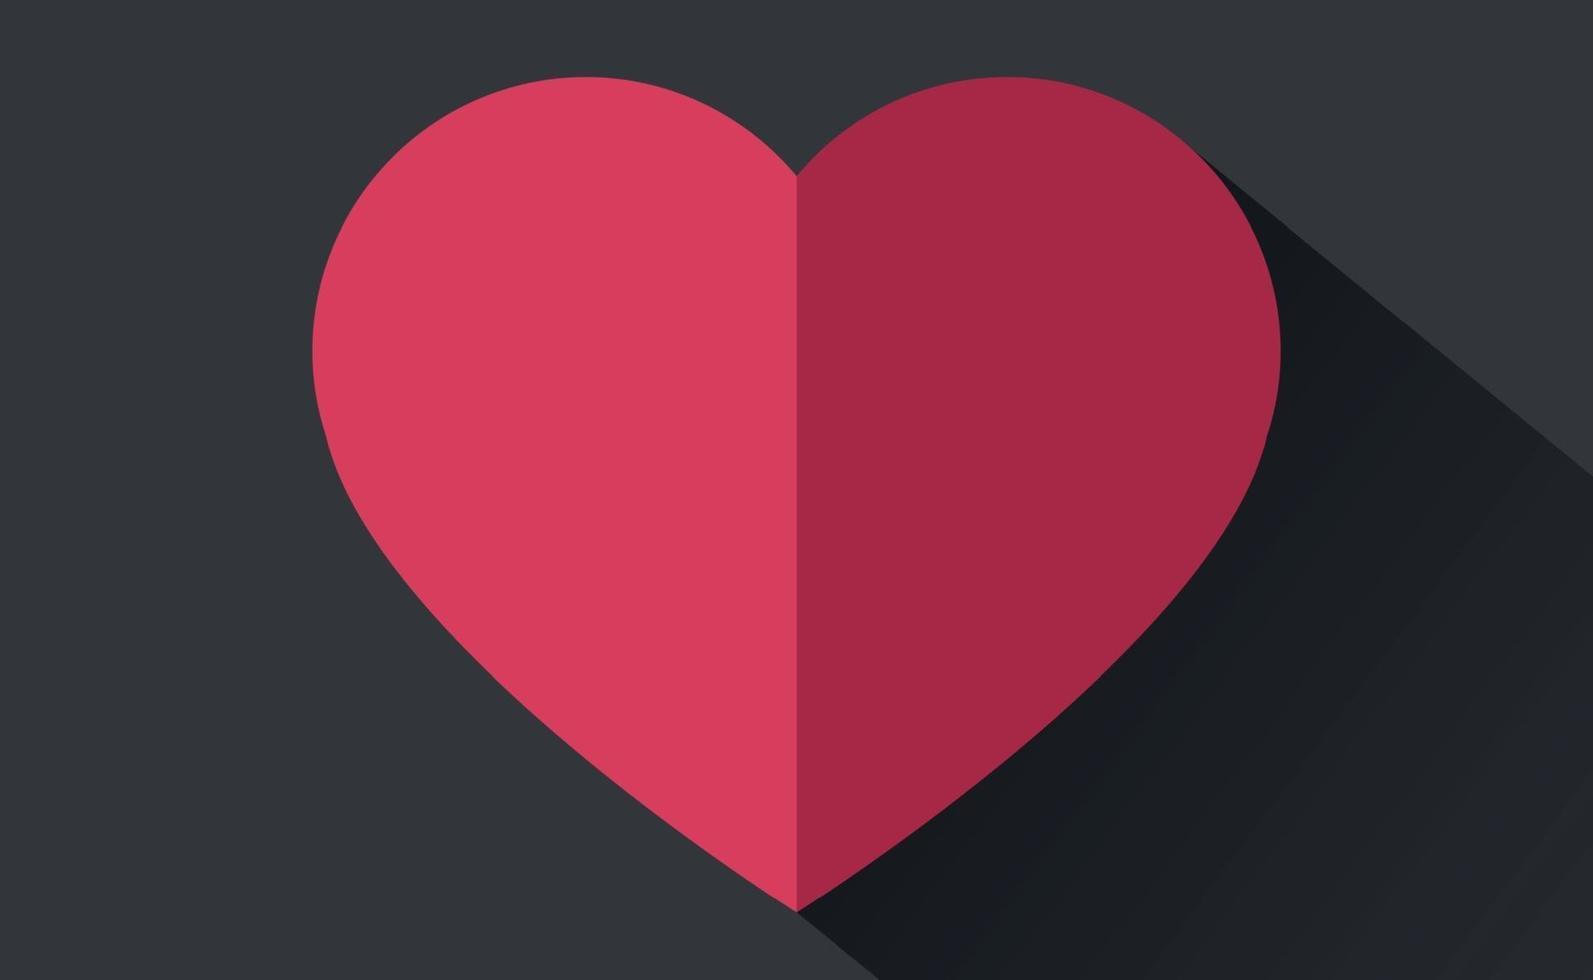 Résumé coeur rouge festif sur fond noir et gris - illustration vectorielle vecteur